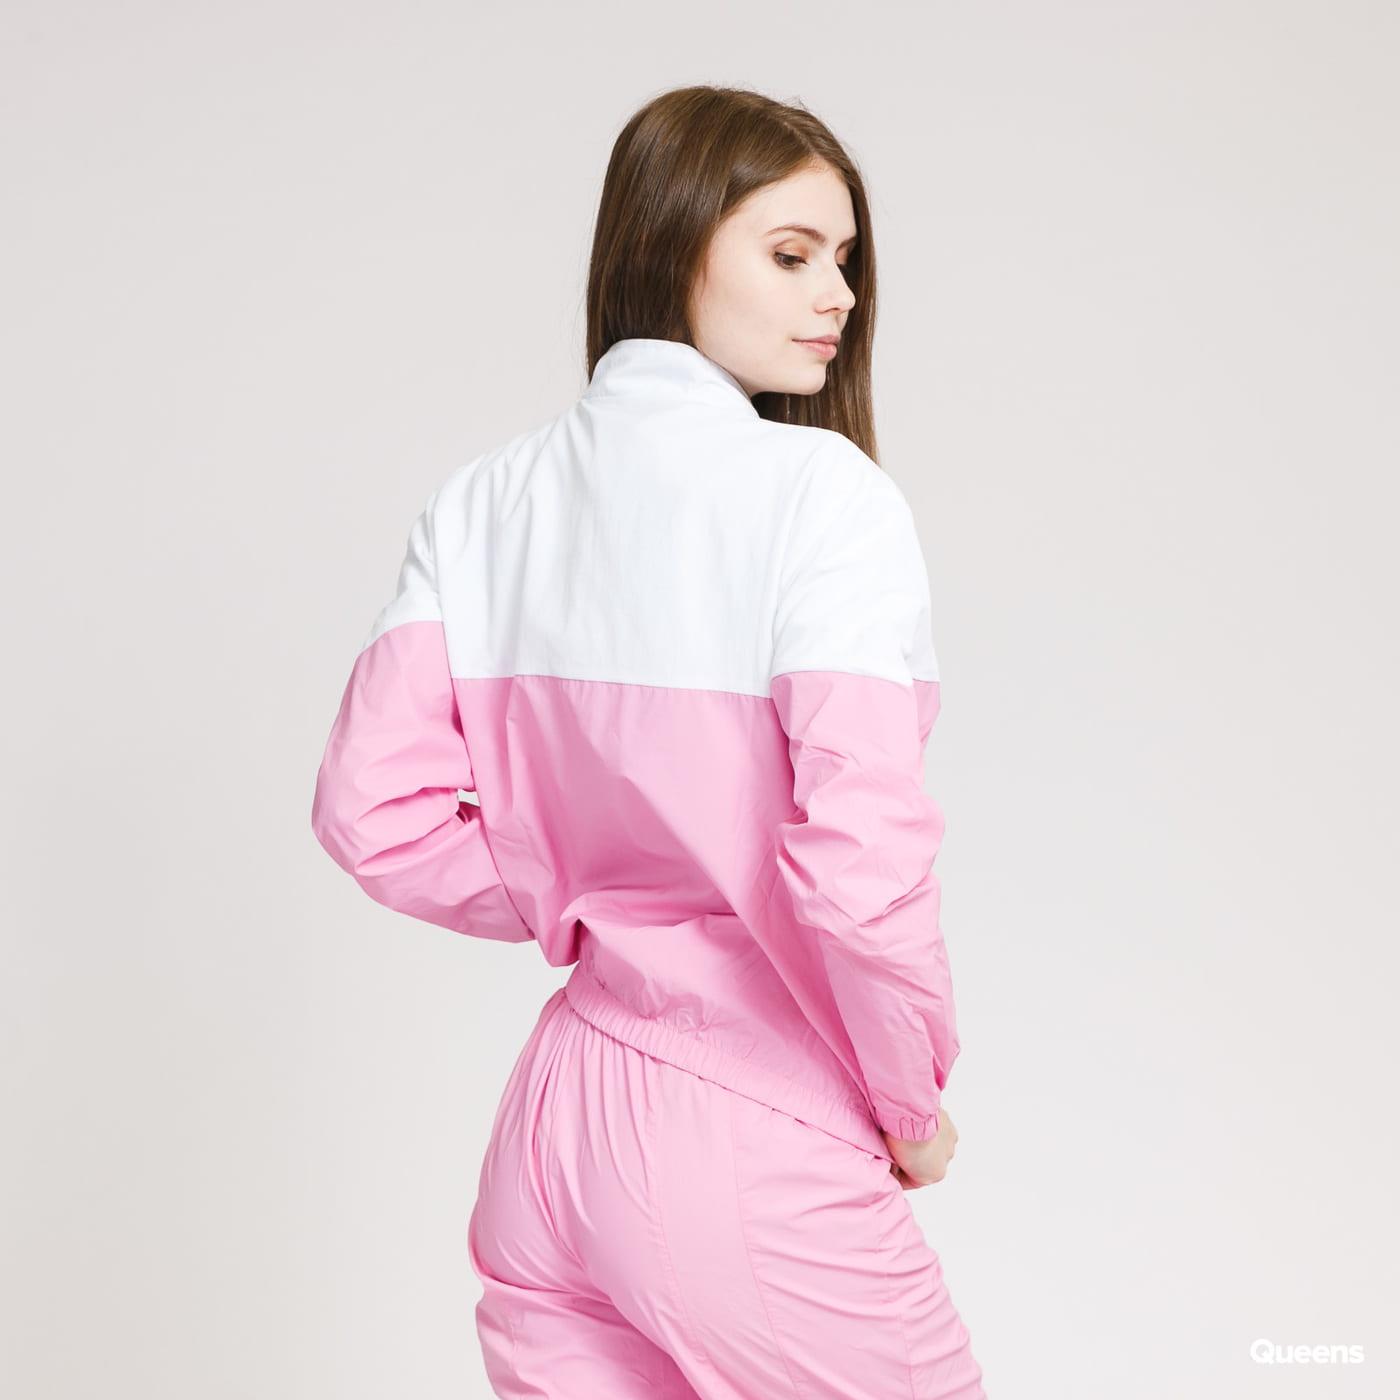 ellesse Mydos Track Top růžová / bílá